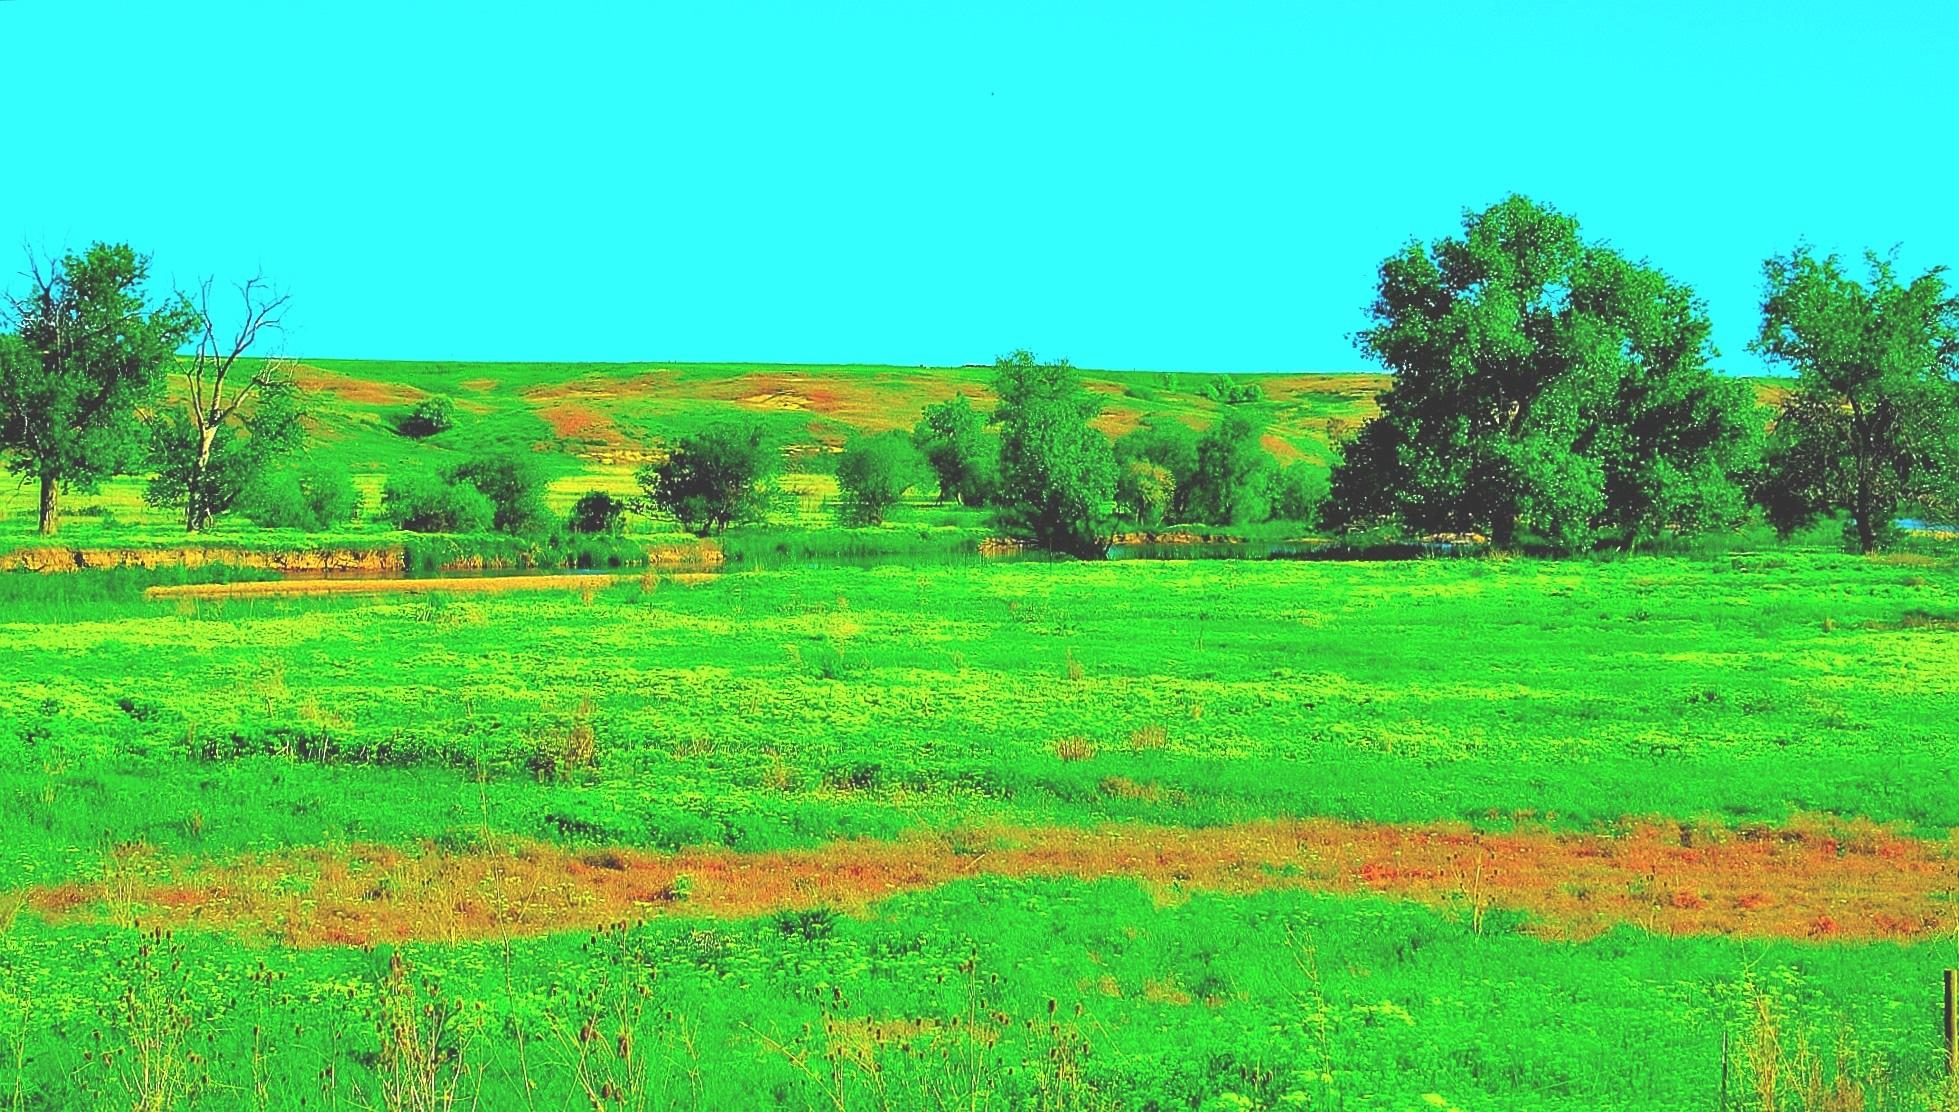 Pretty in green by maria.telegdy